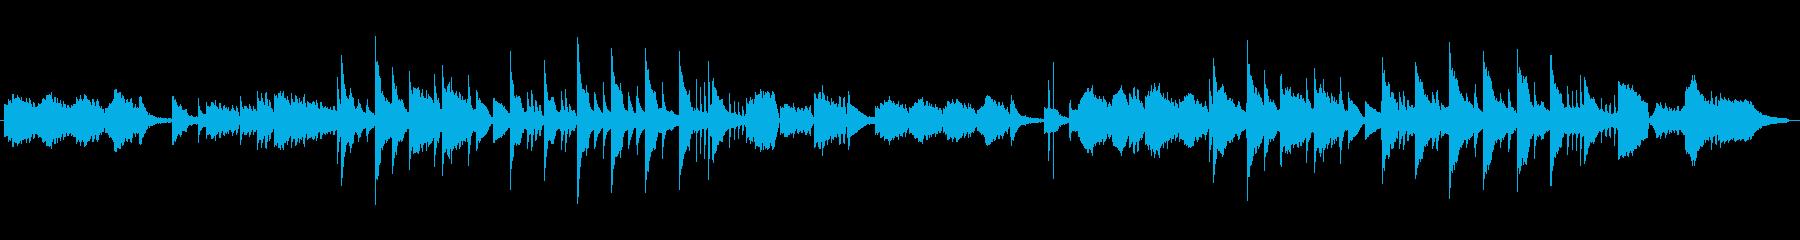 ゆっくり、メロディック、反射的の再生済みの波形